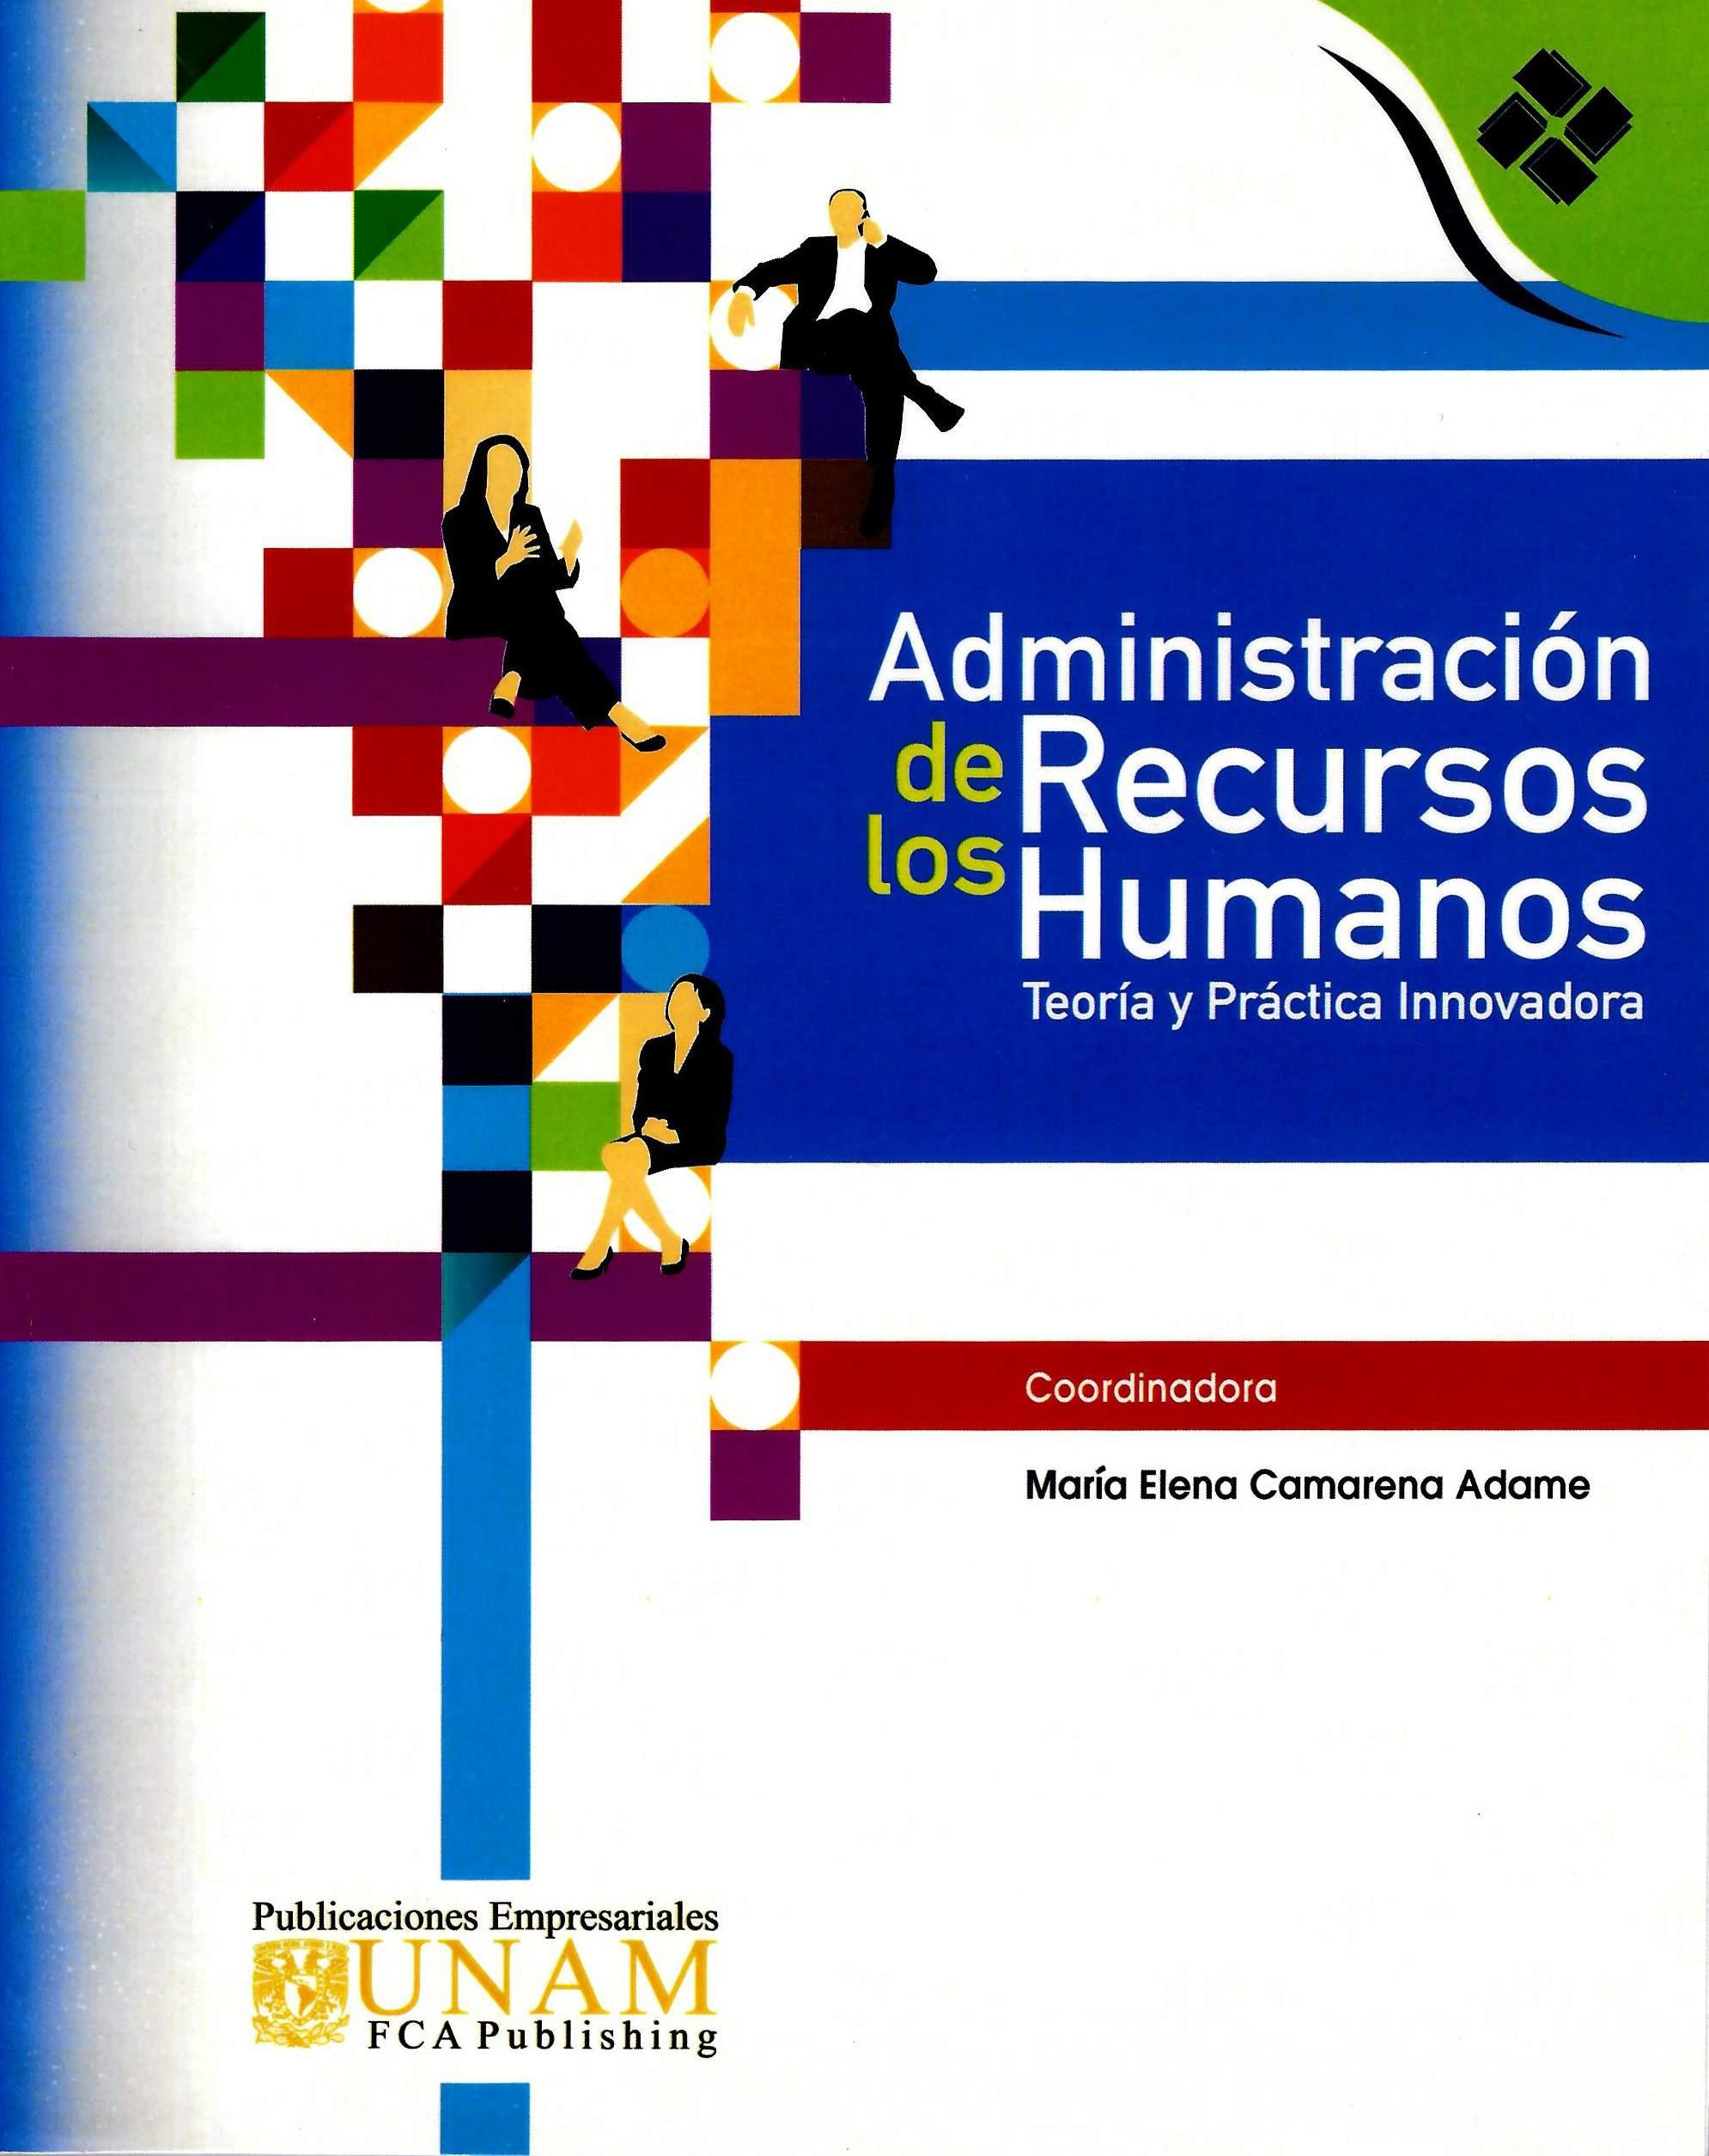 Administración de los Recursos Humanos. Teoría y práctica innovadora